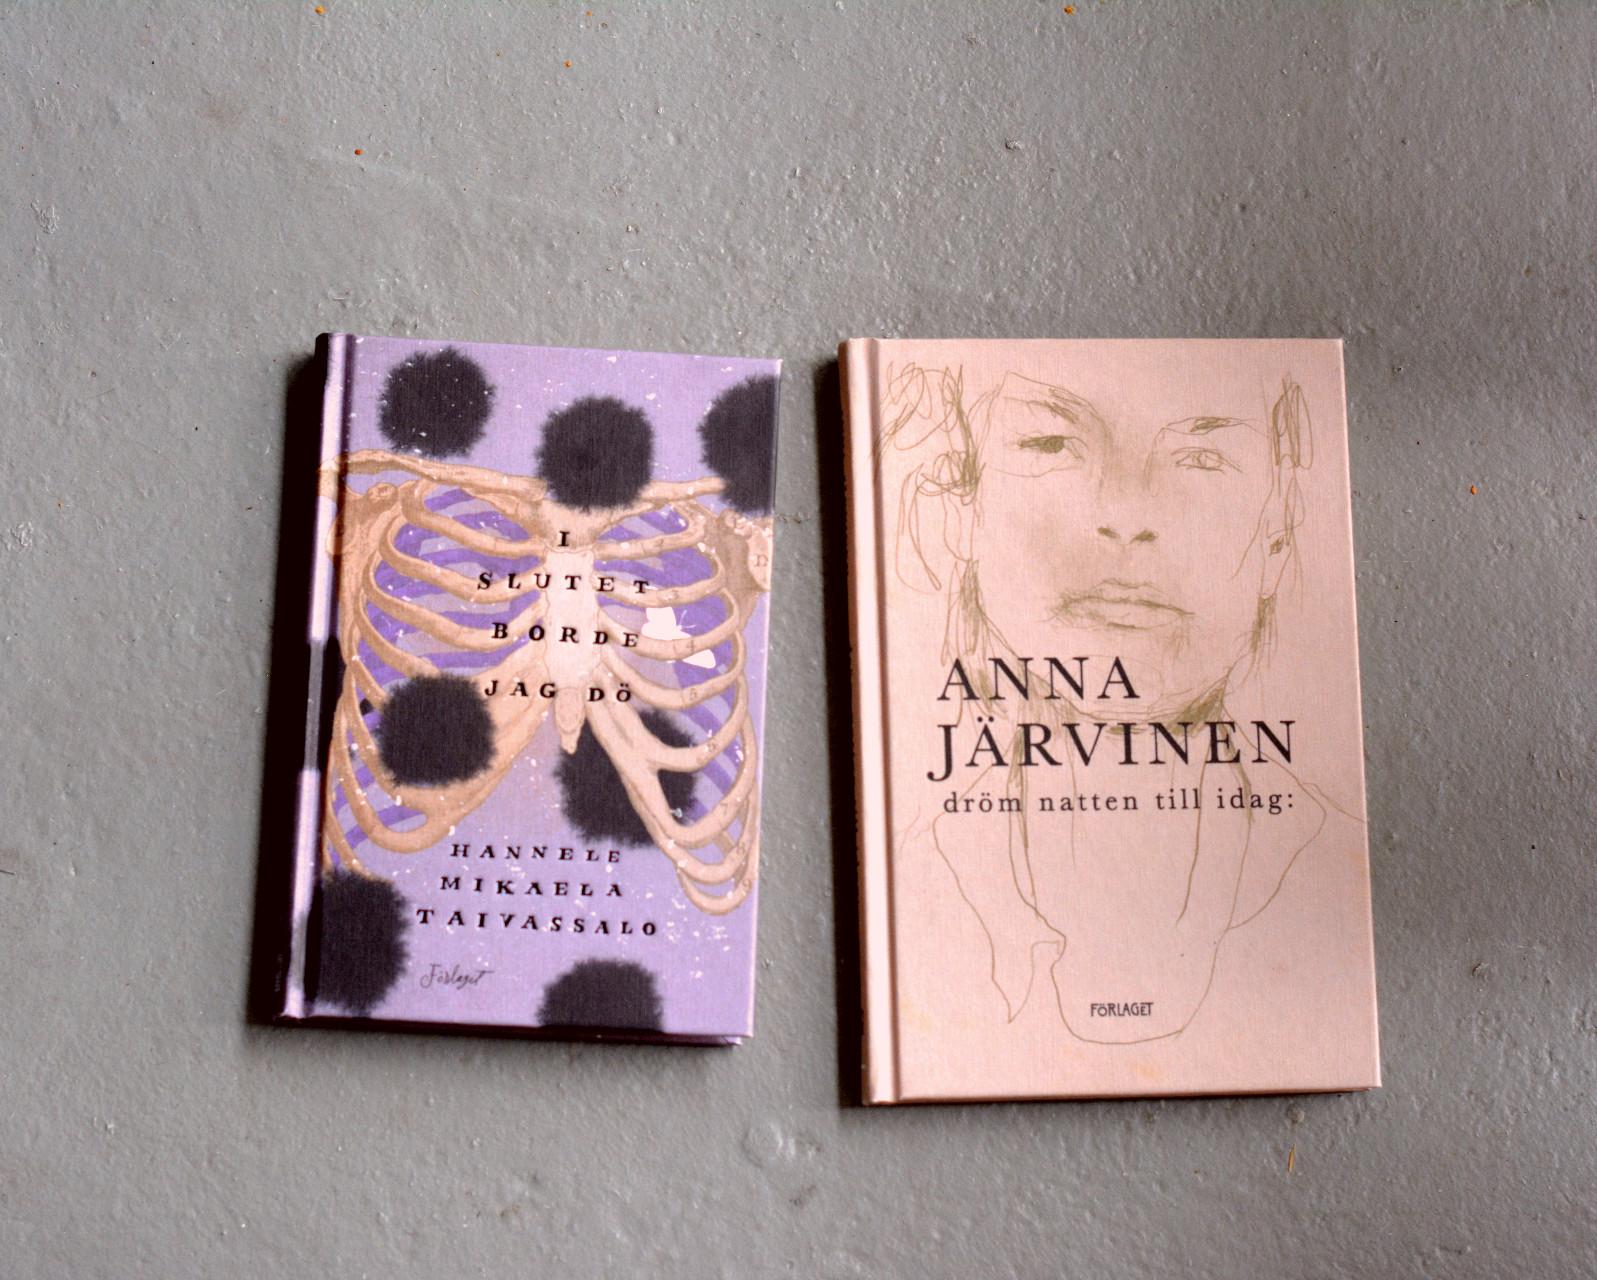 I slutet borde jag dö av Hannele Mikaela Taivassalo och dröm natten till idag av Anna Järvinen